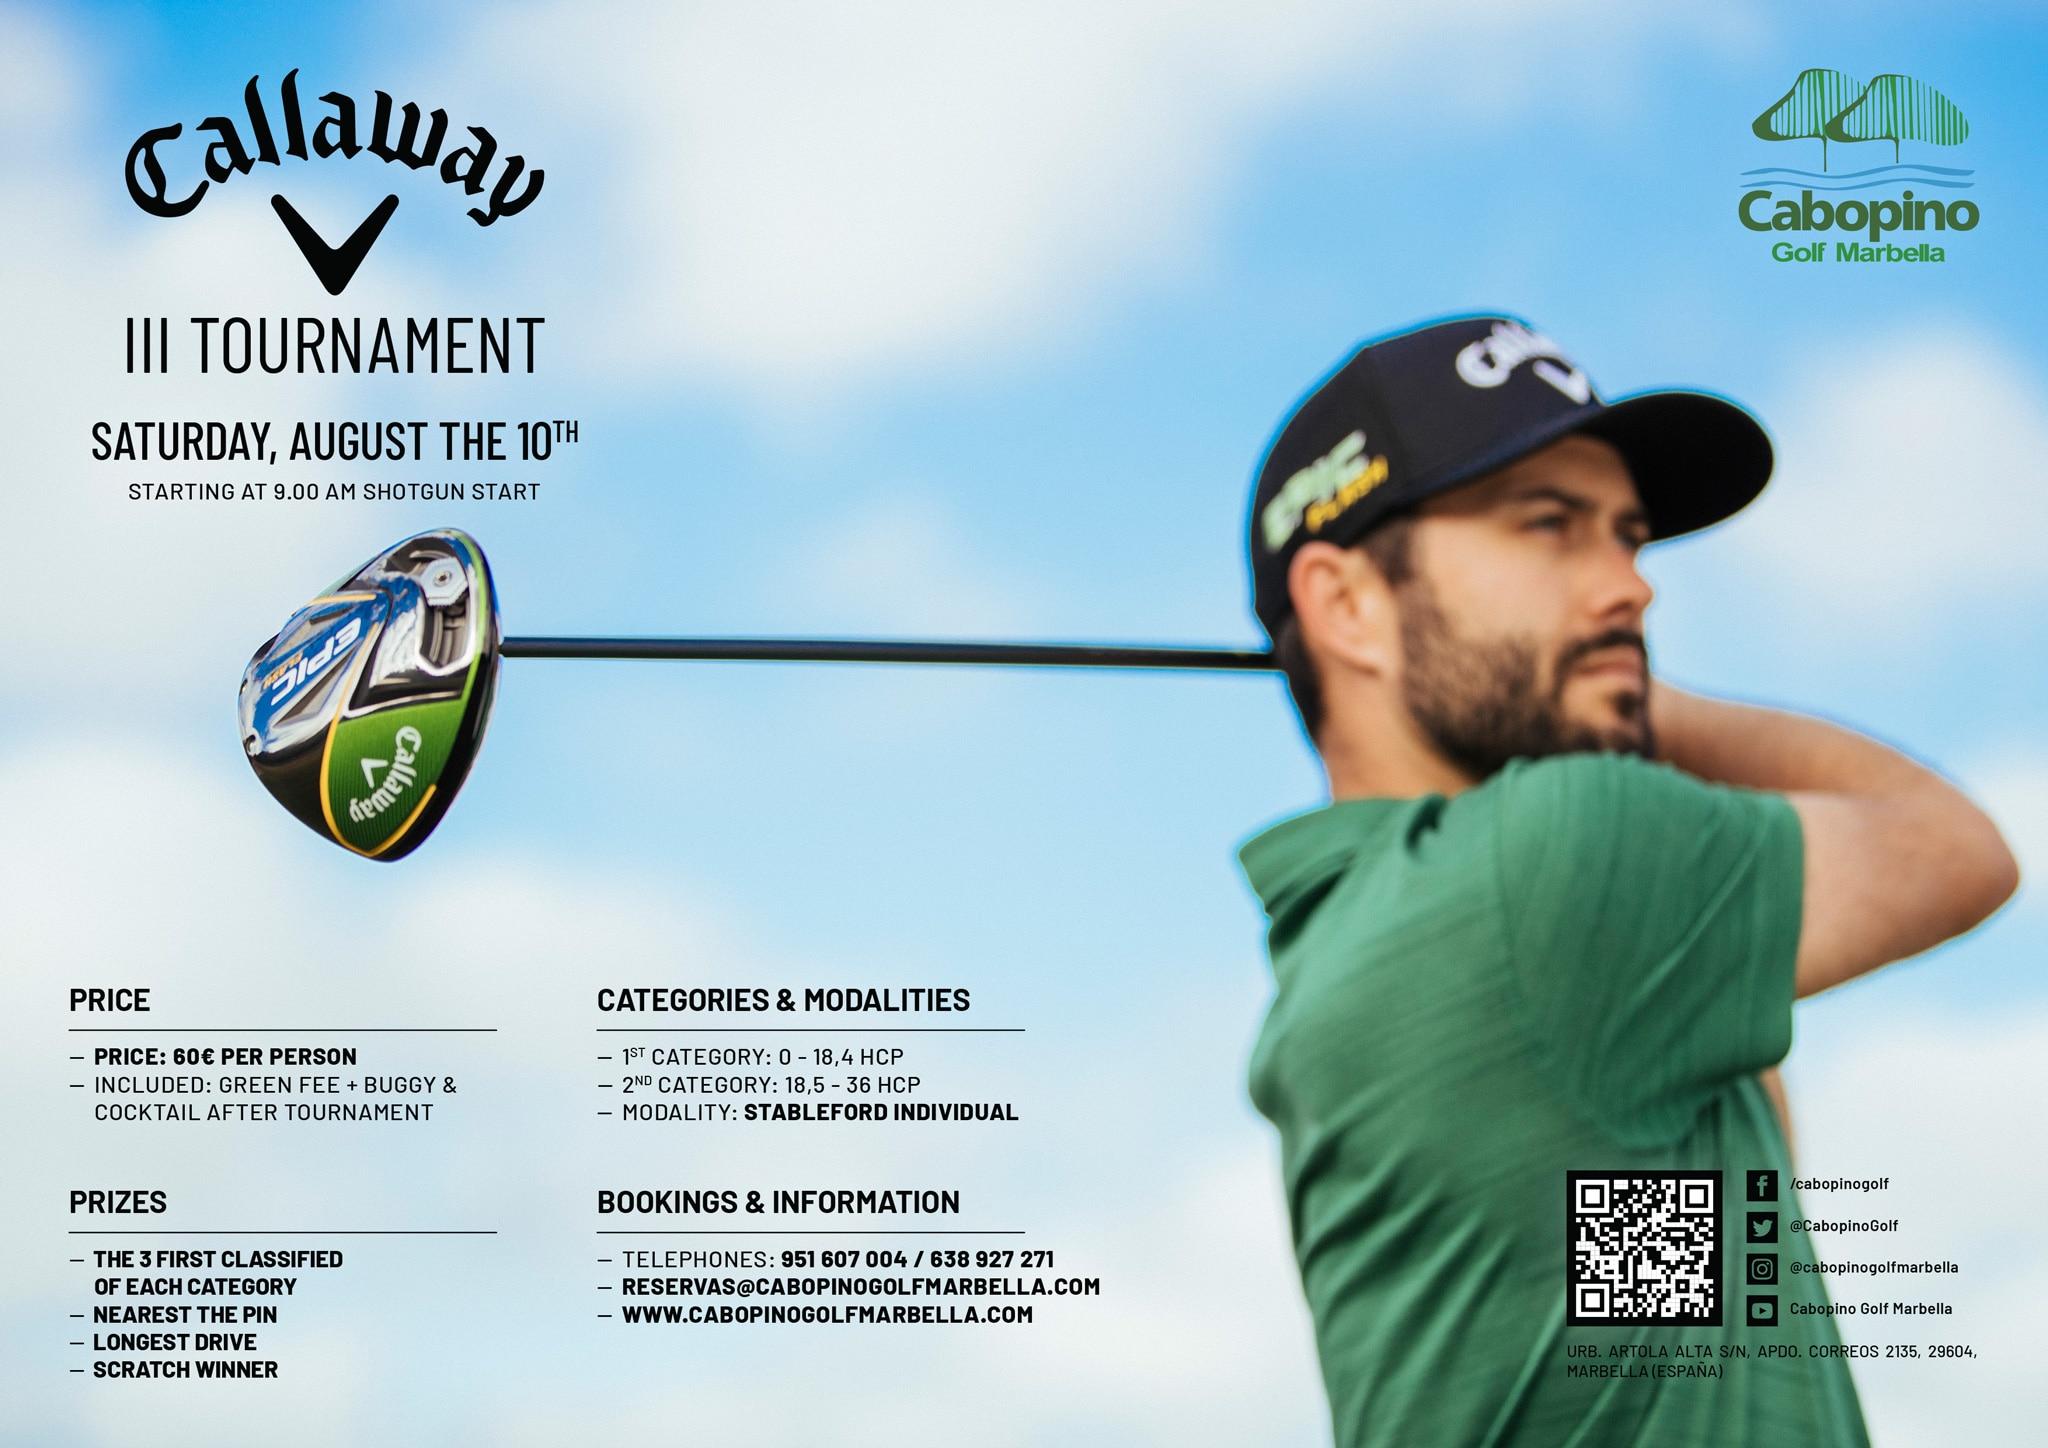 III Callaway Tournament